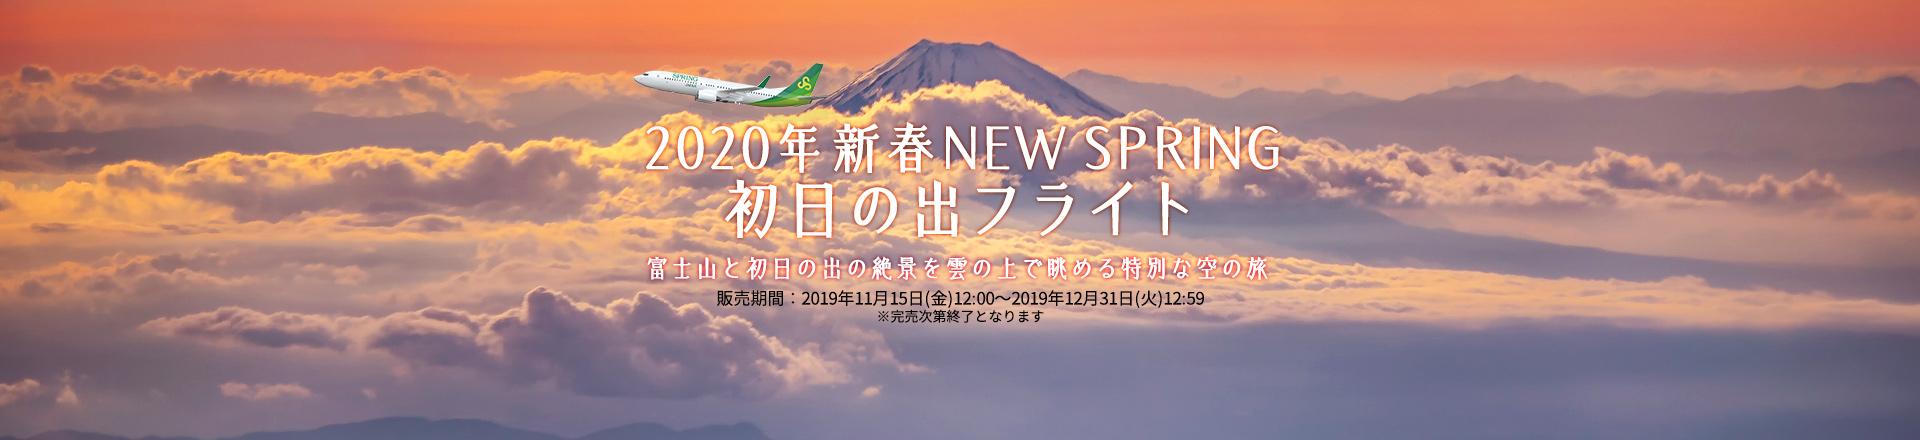 LCCのSPRINGで新春NEWSPRING。成田発で富士山と初日の出を見て成田に帰ってくる。お値段1万円から。